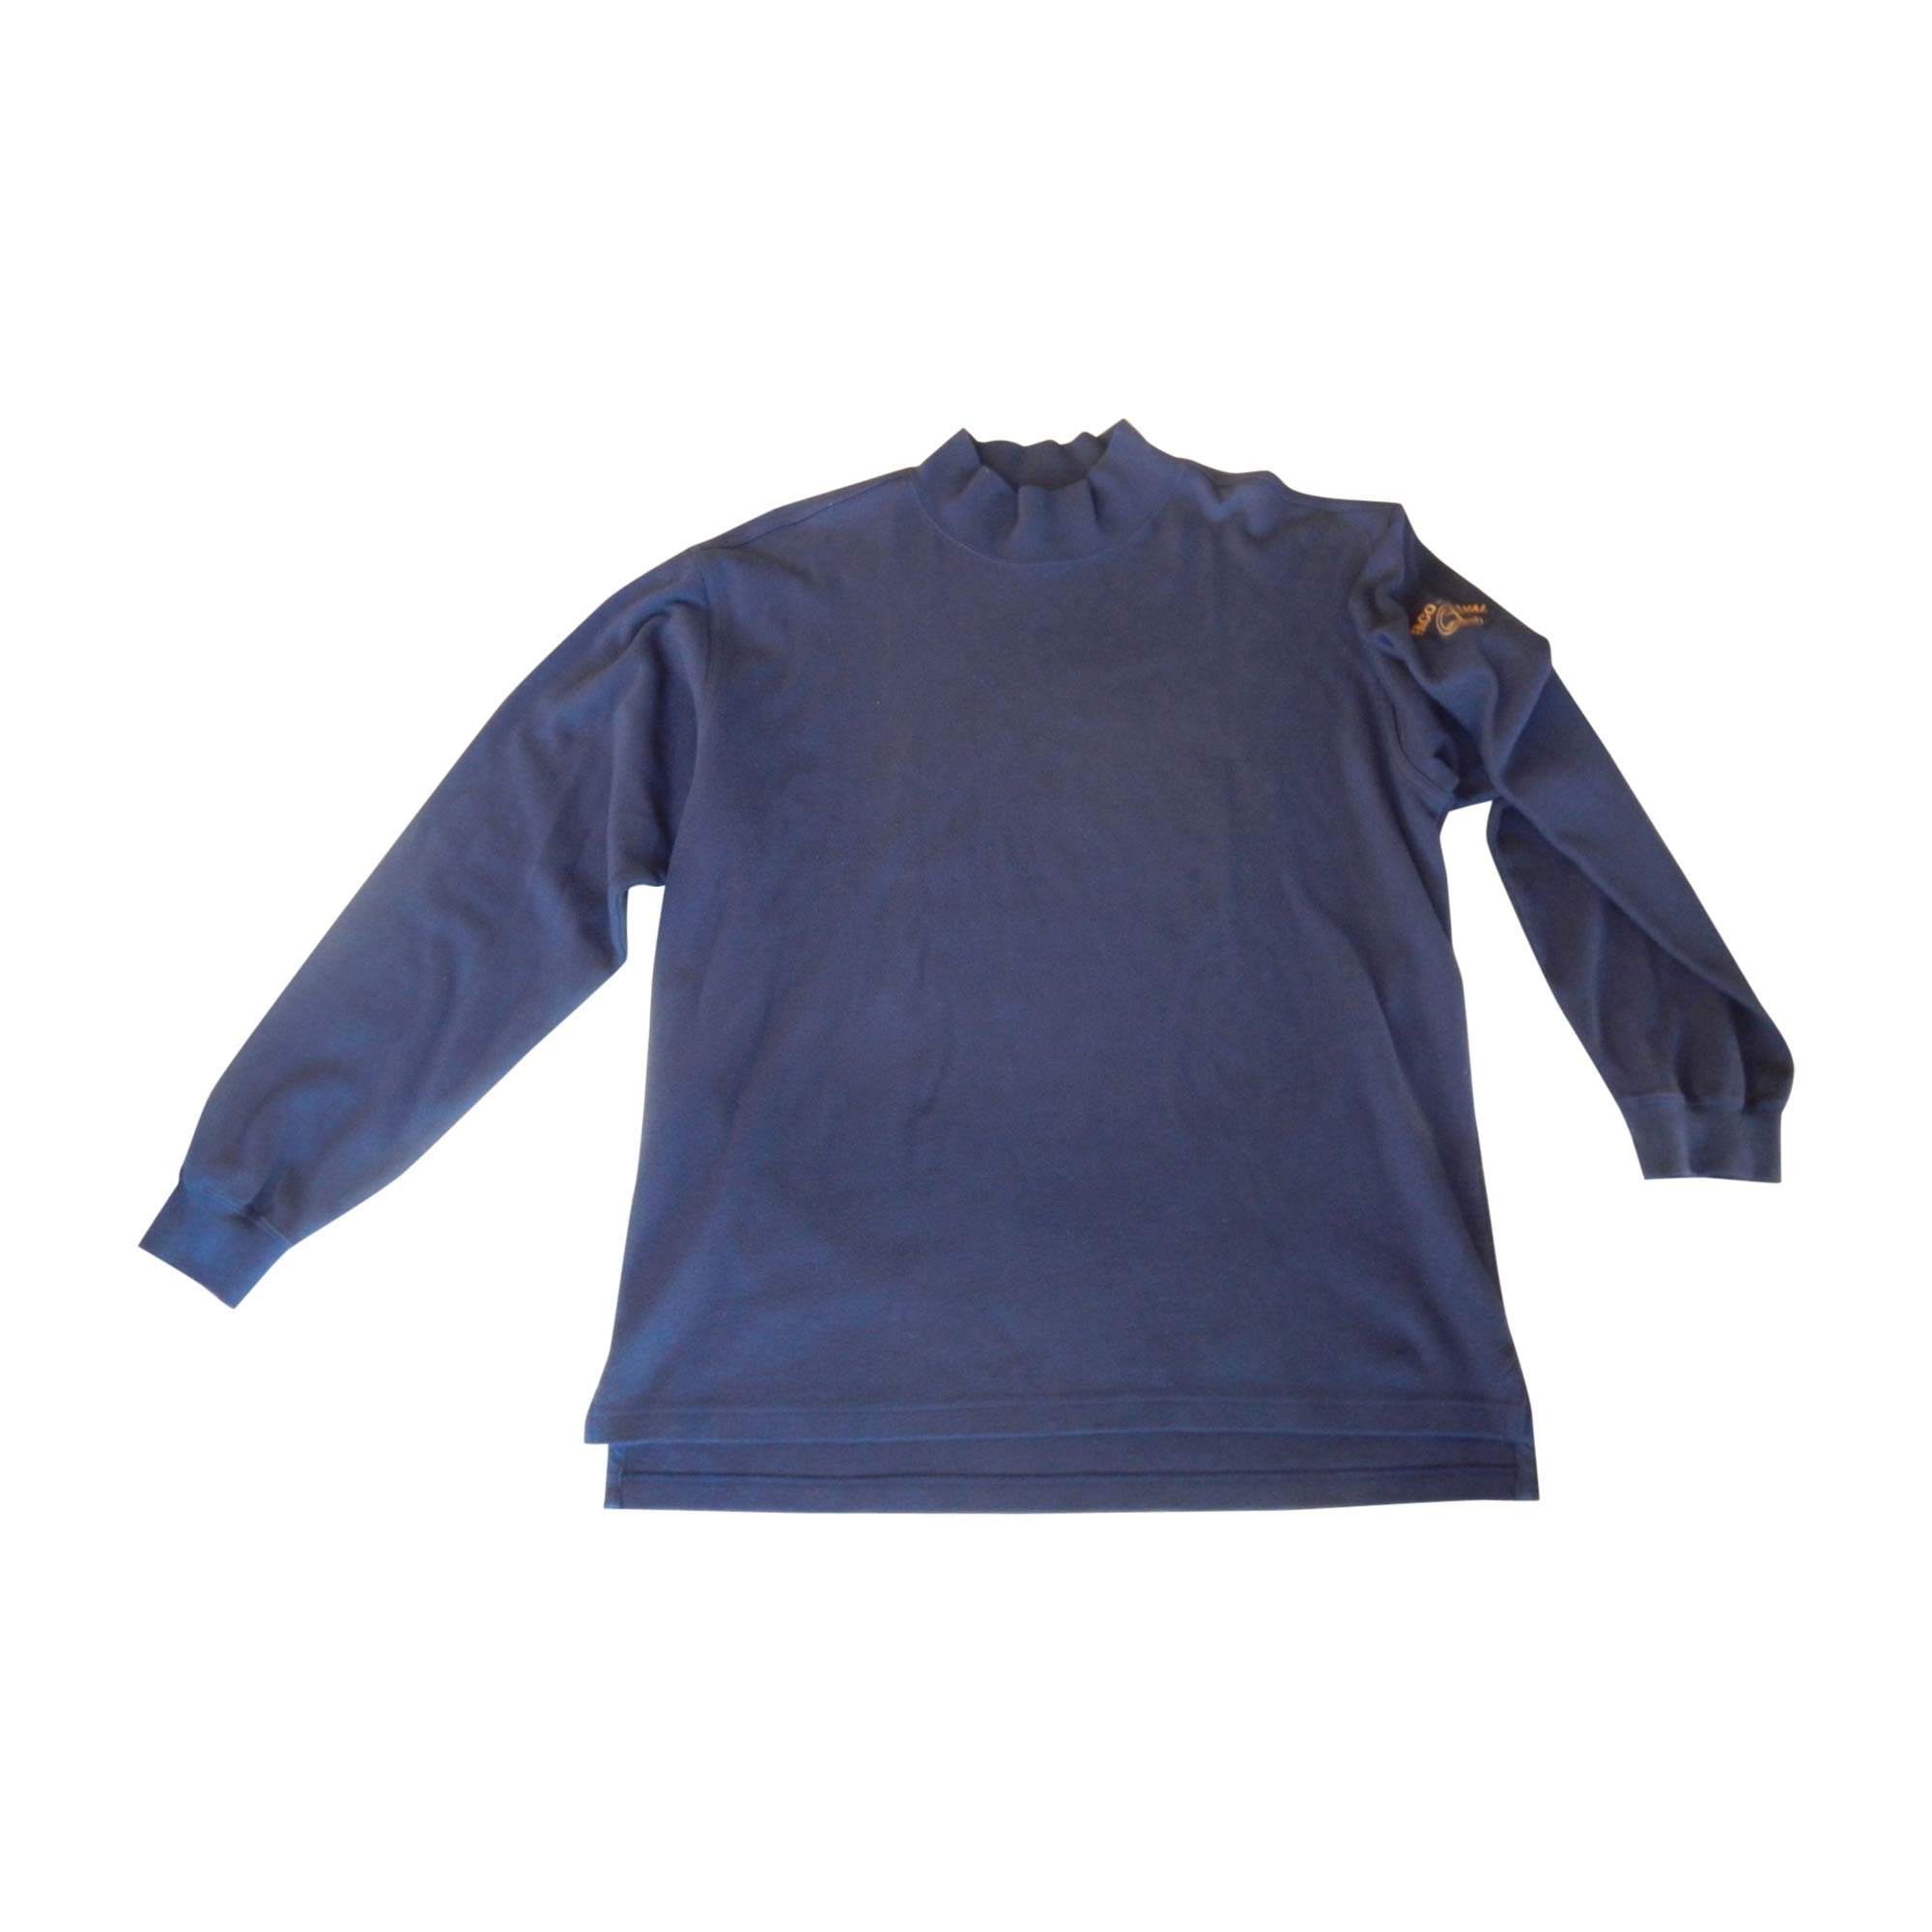 Sweat FAÇONNABLE Bleu, bleu marine, bleu turquoise